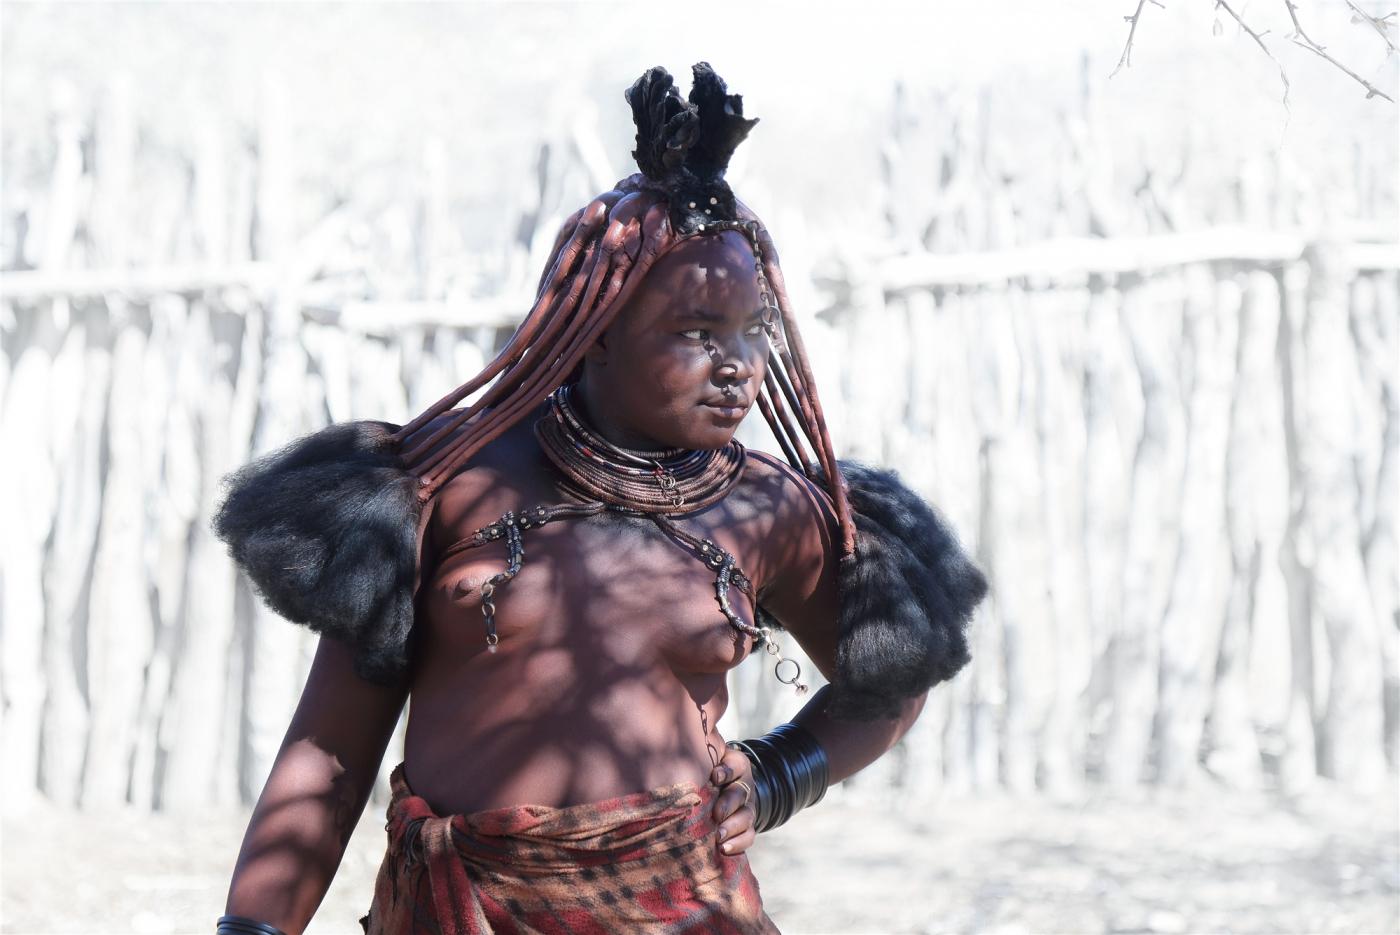 【原创实拍】黑色脸谱  ——行摄南部非洲(人像篇)_图1-38